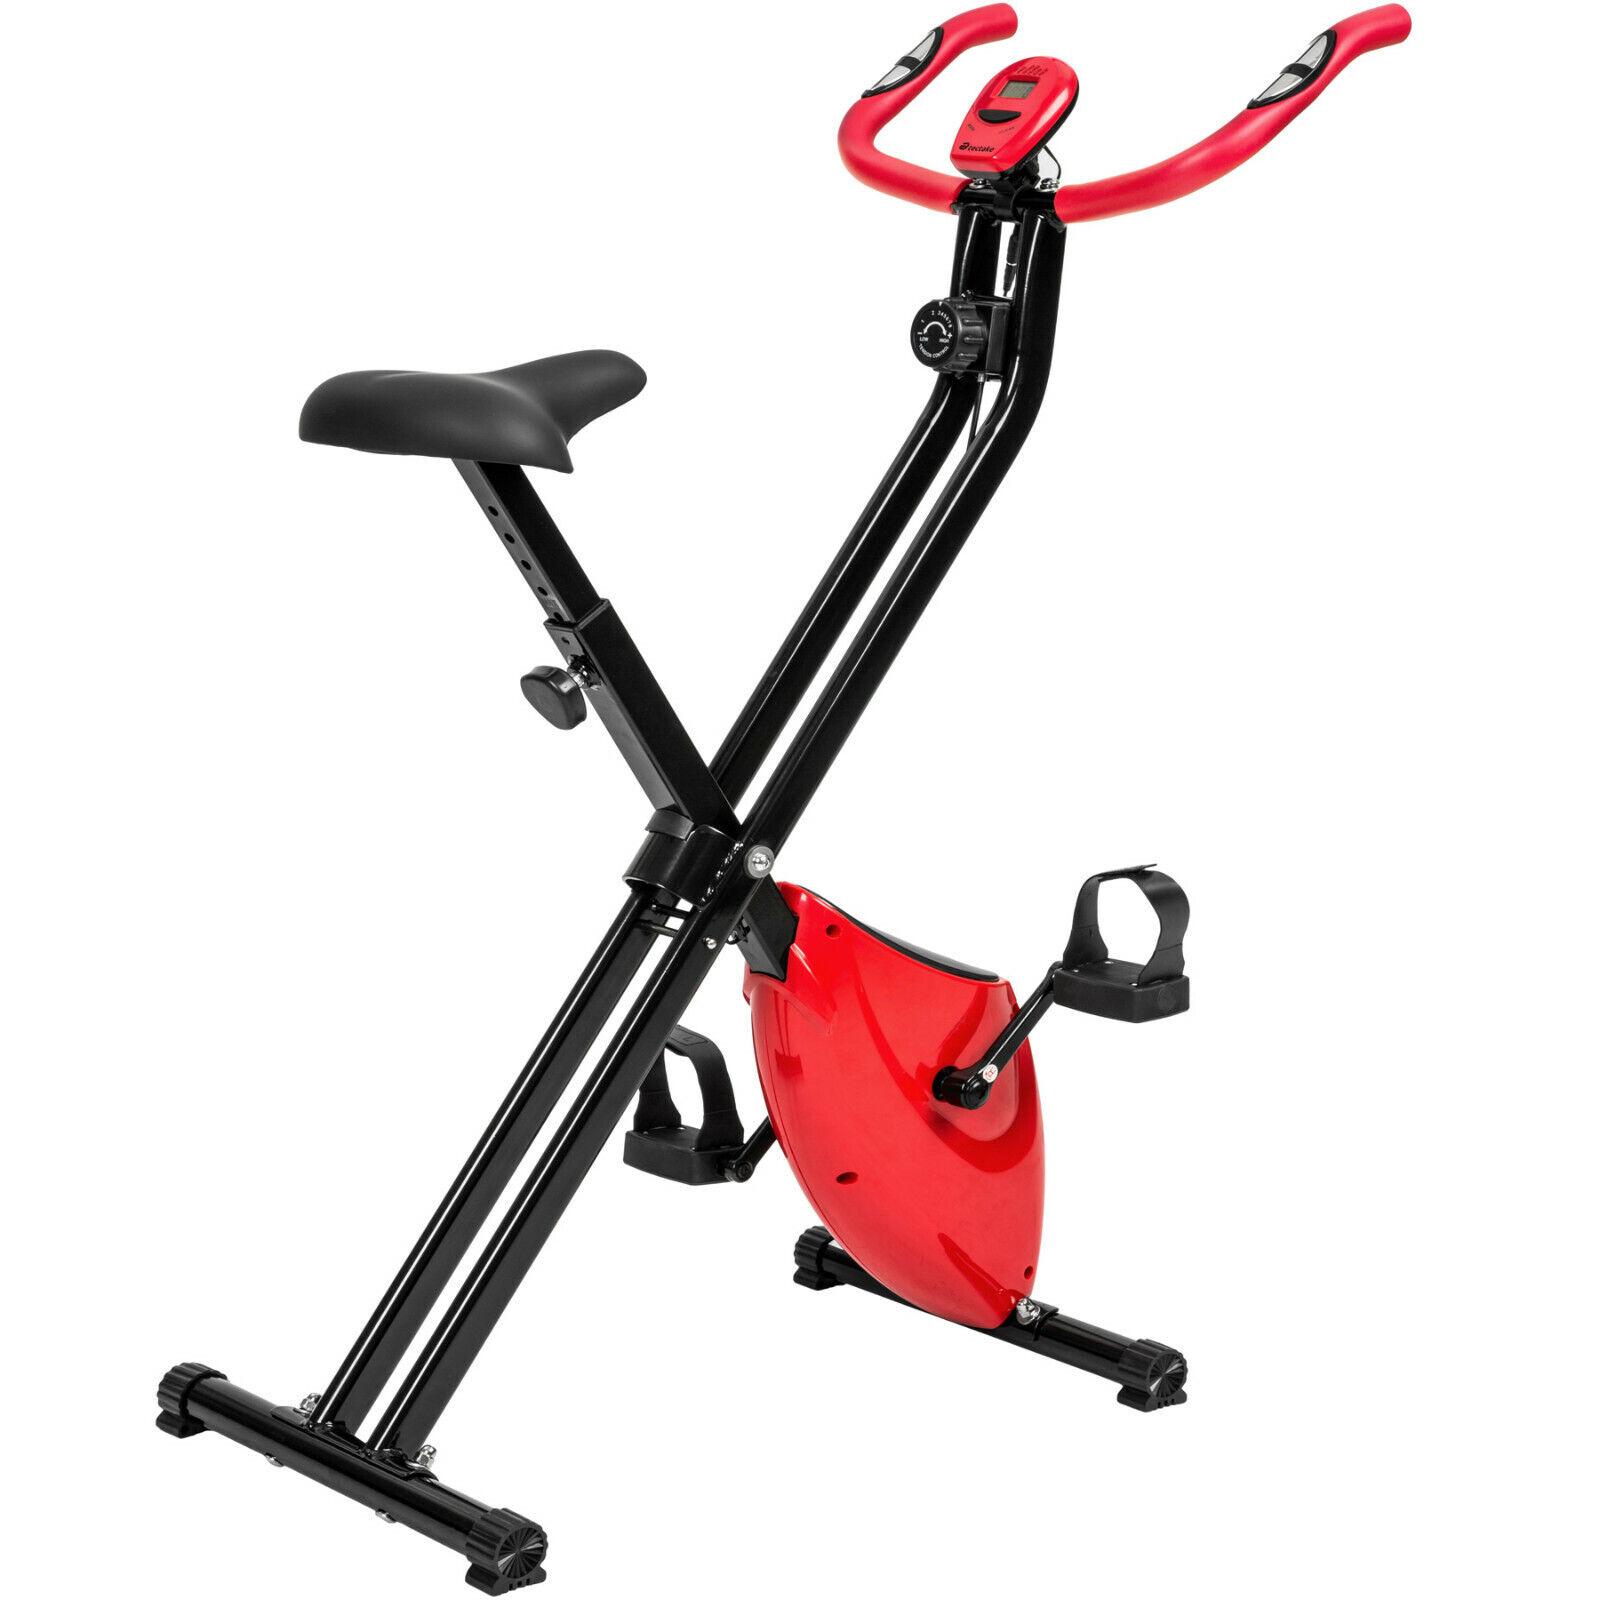 Bicicleta Estática Máquina Fitness Plegable Cardio Deporte Ciclismo Spinning